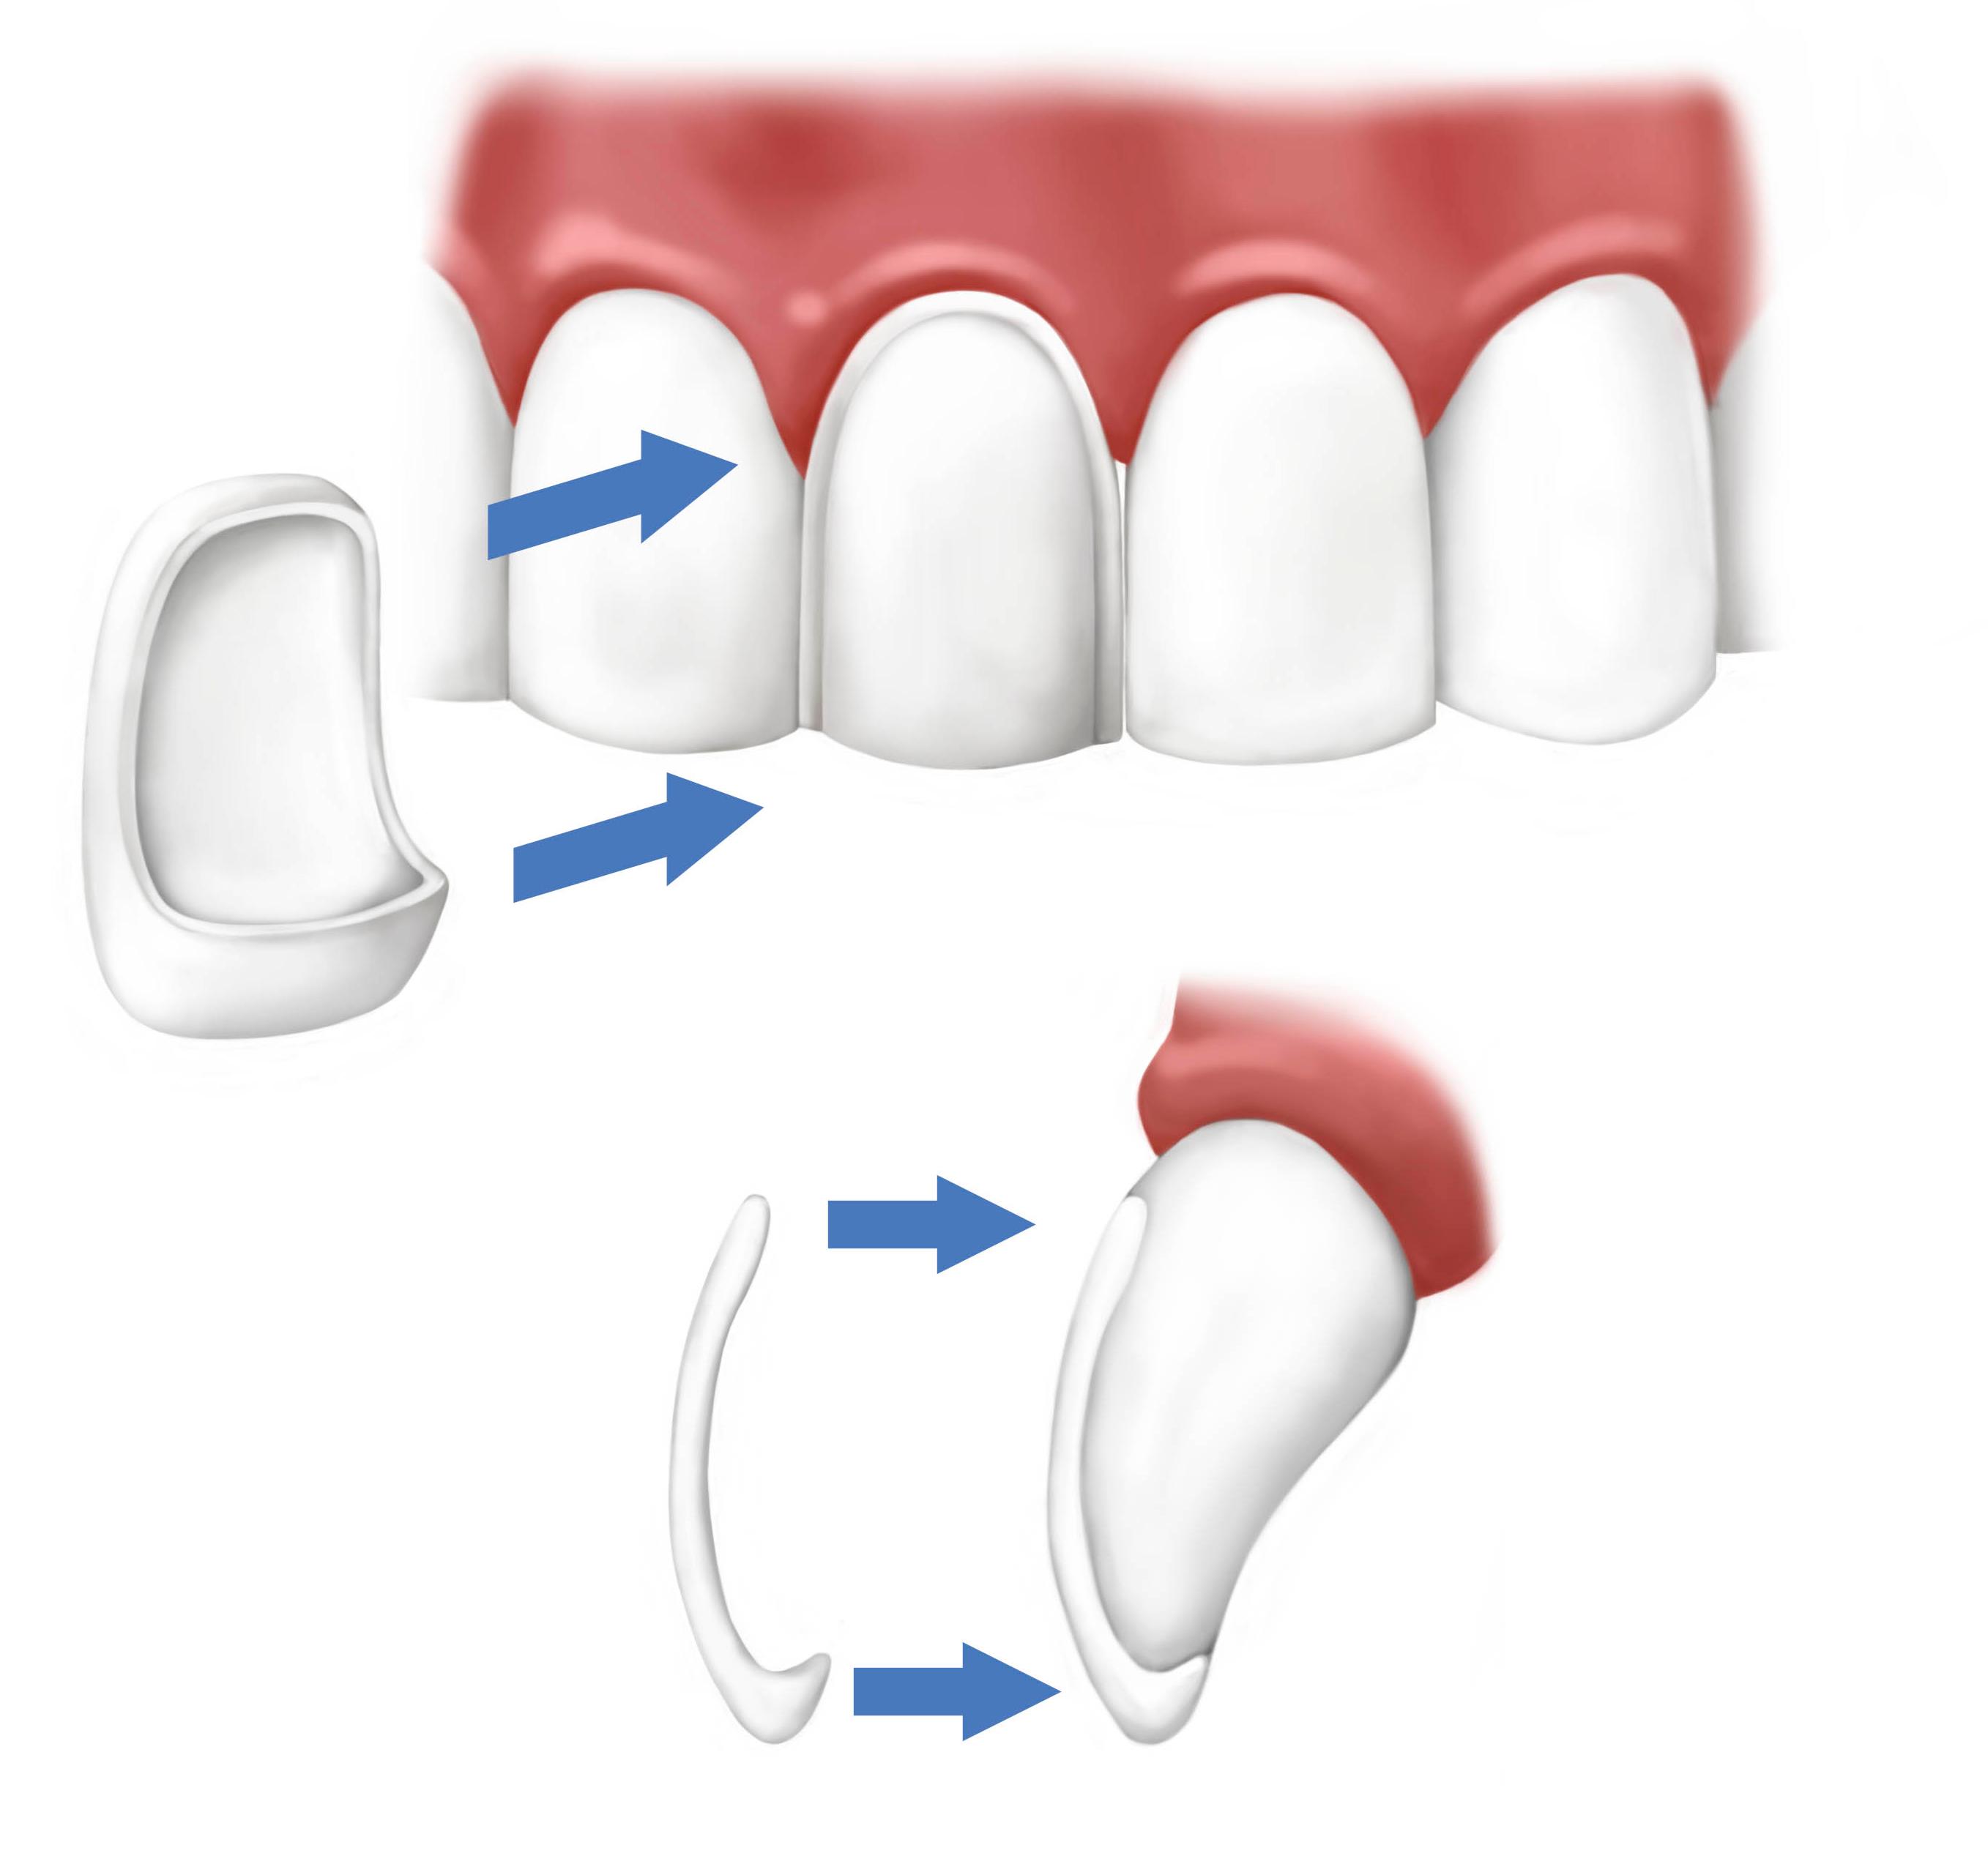 Faccette dentali dentista Palermo